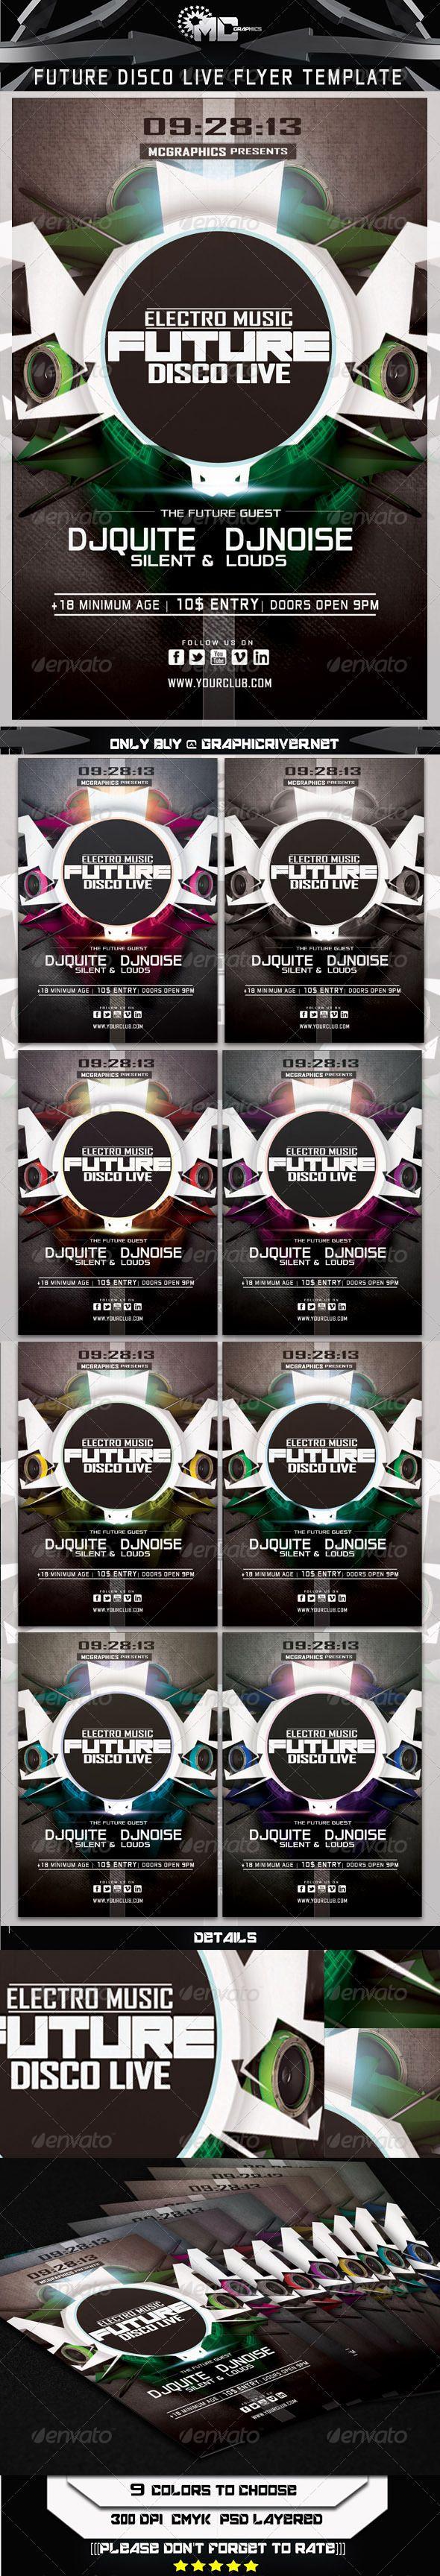 Future Disco Live Flyer Tempate